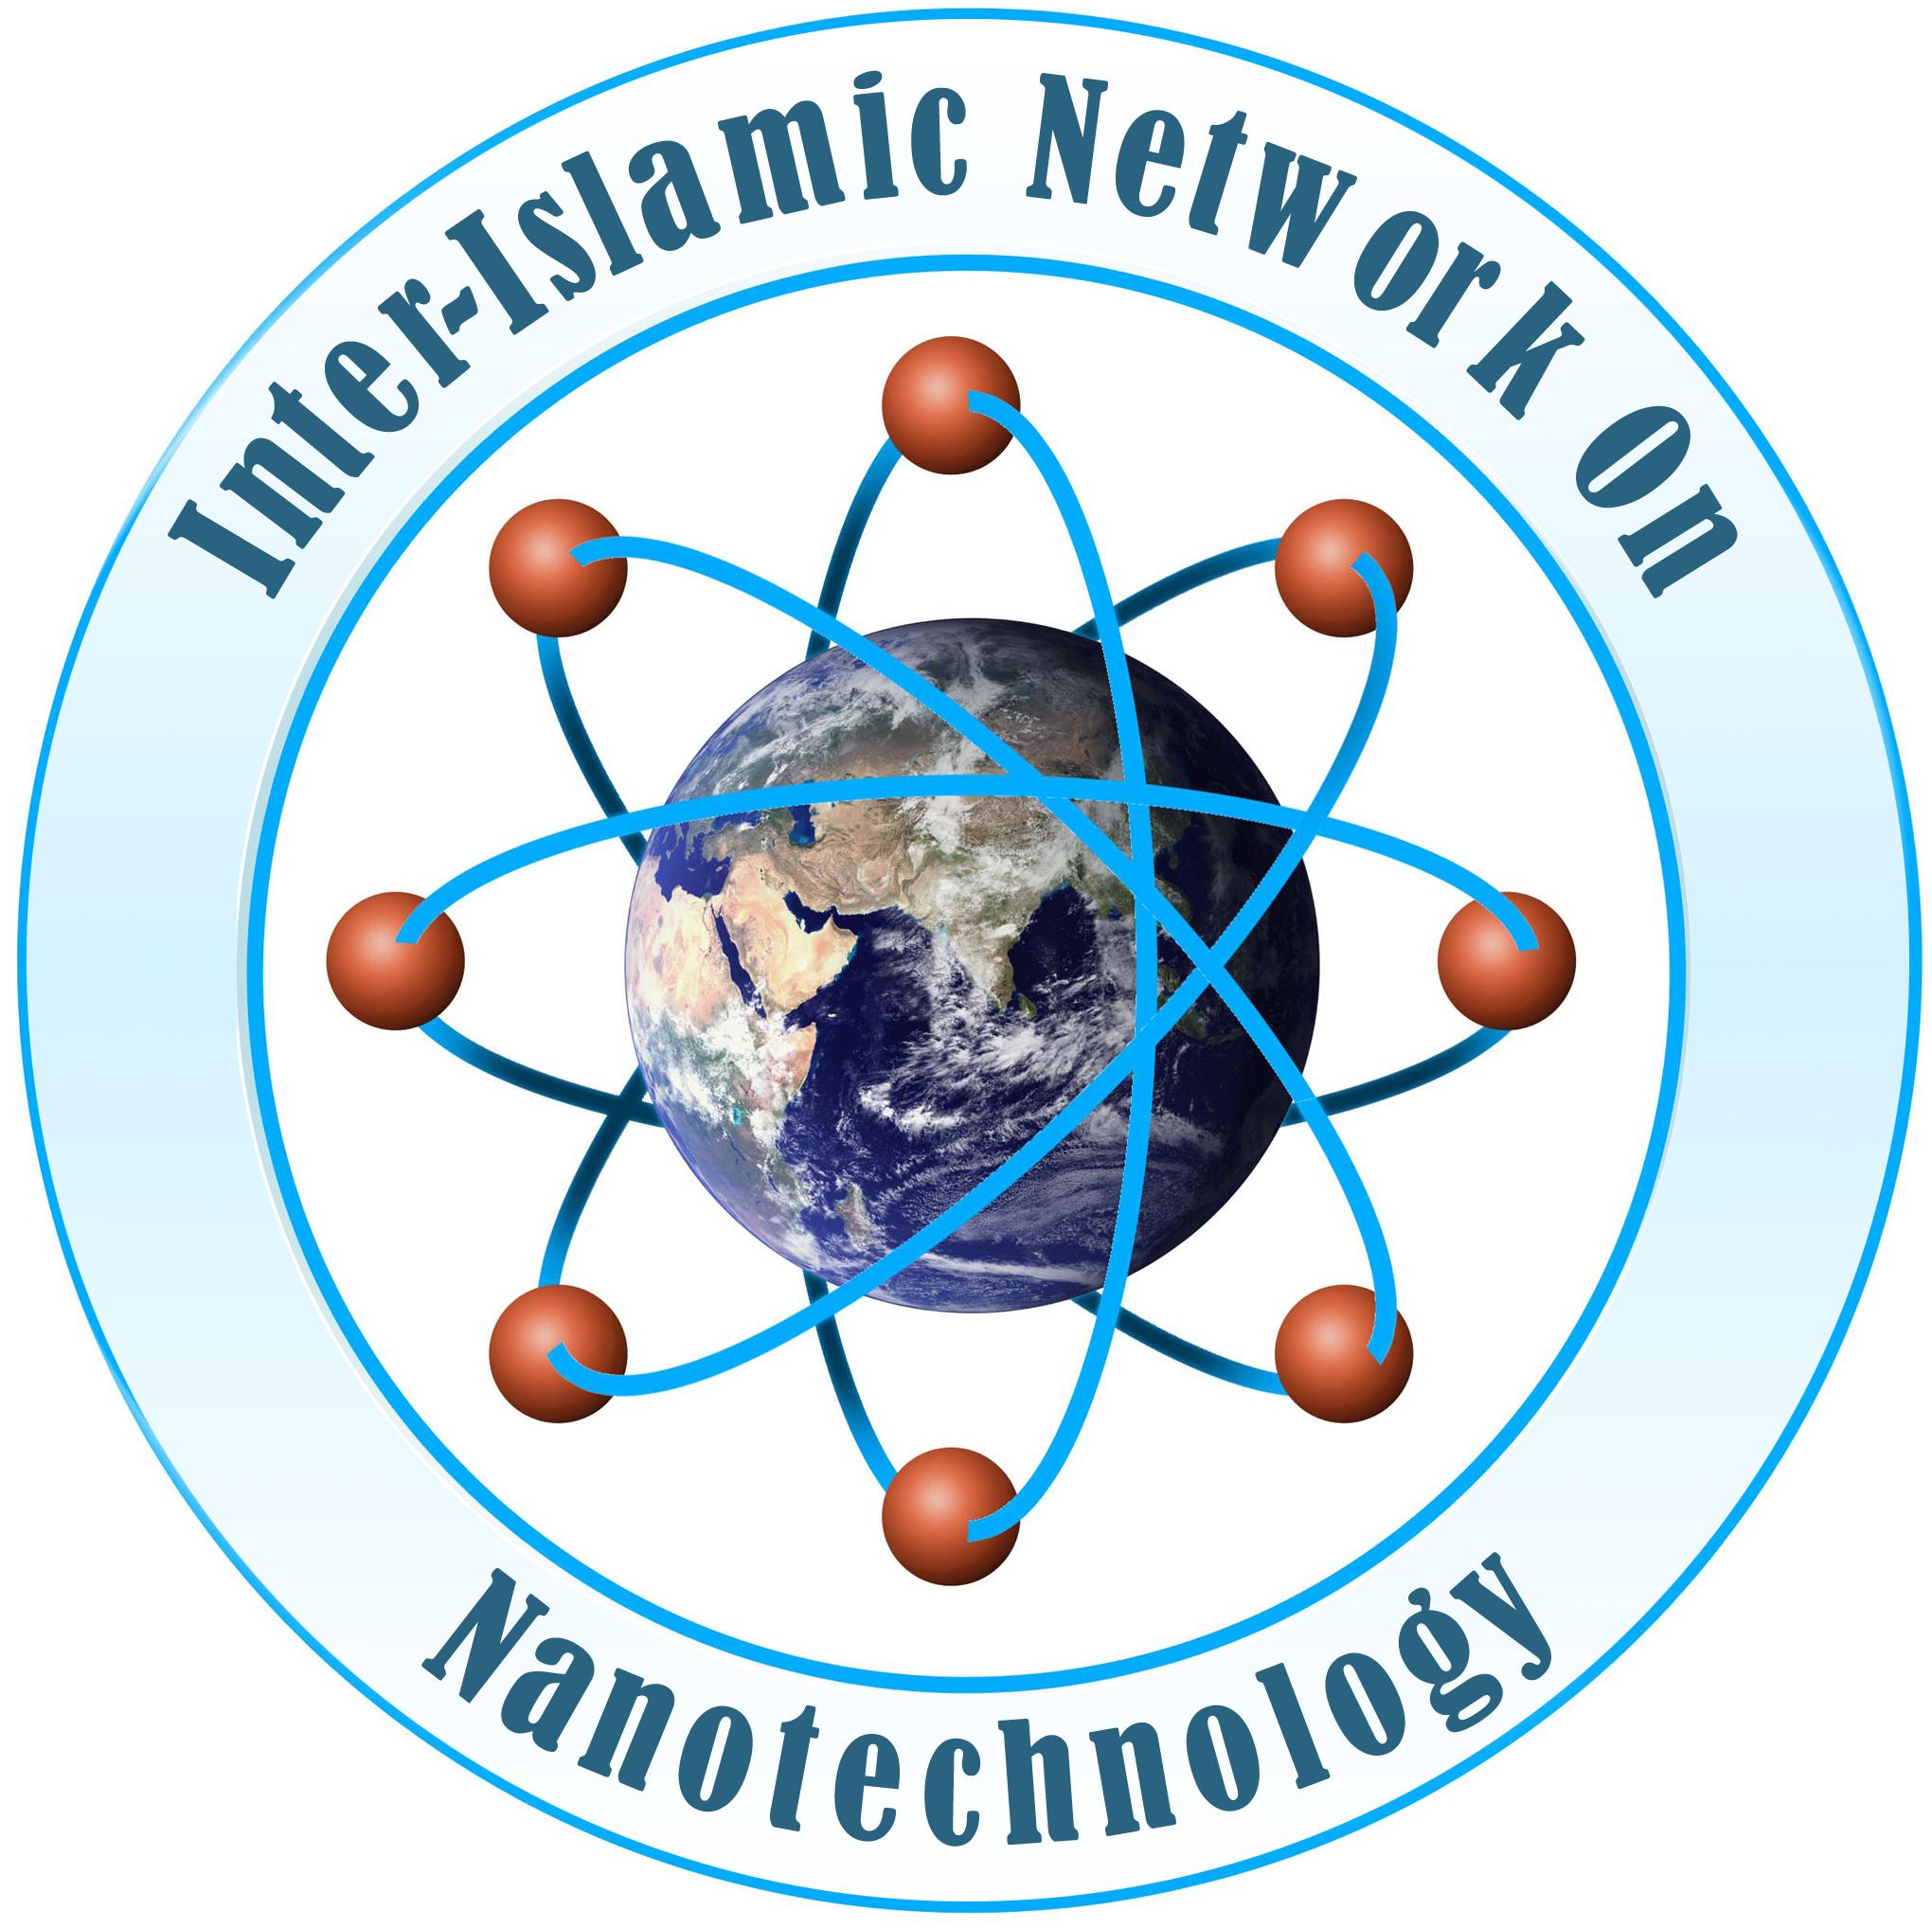 logo for Inter-Islamic Network of Nanotechnology